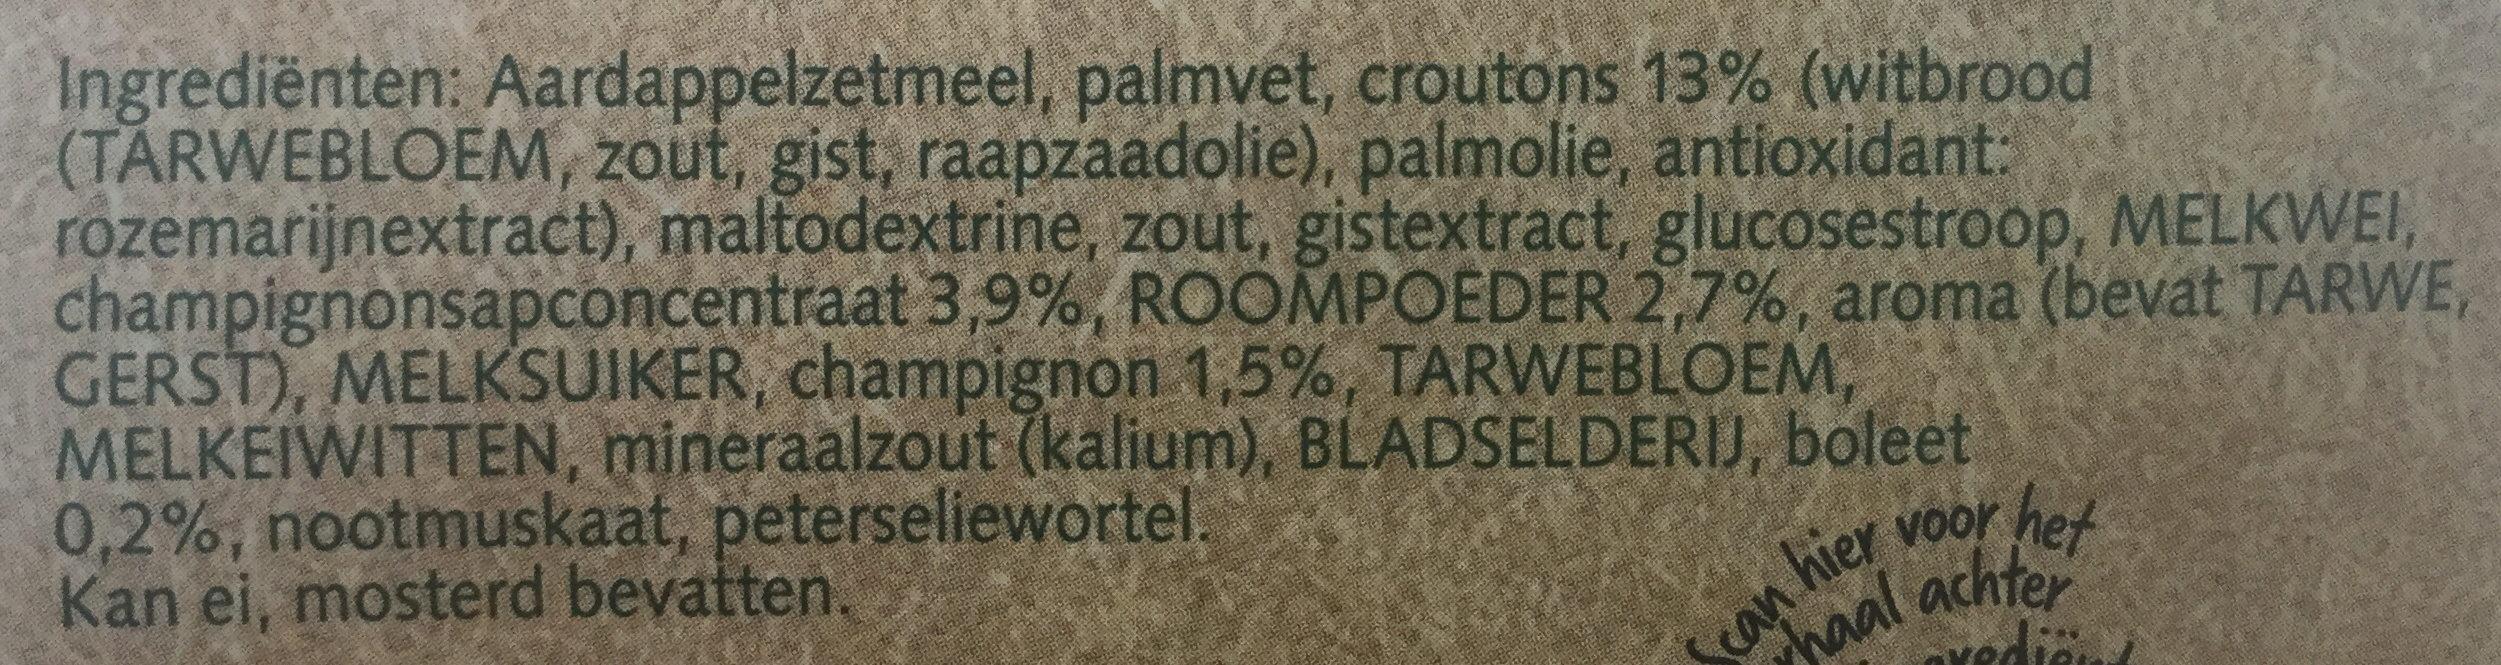 Champignon creme - Ingrediënten